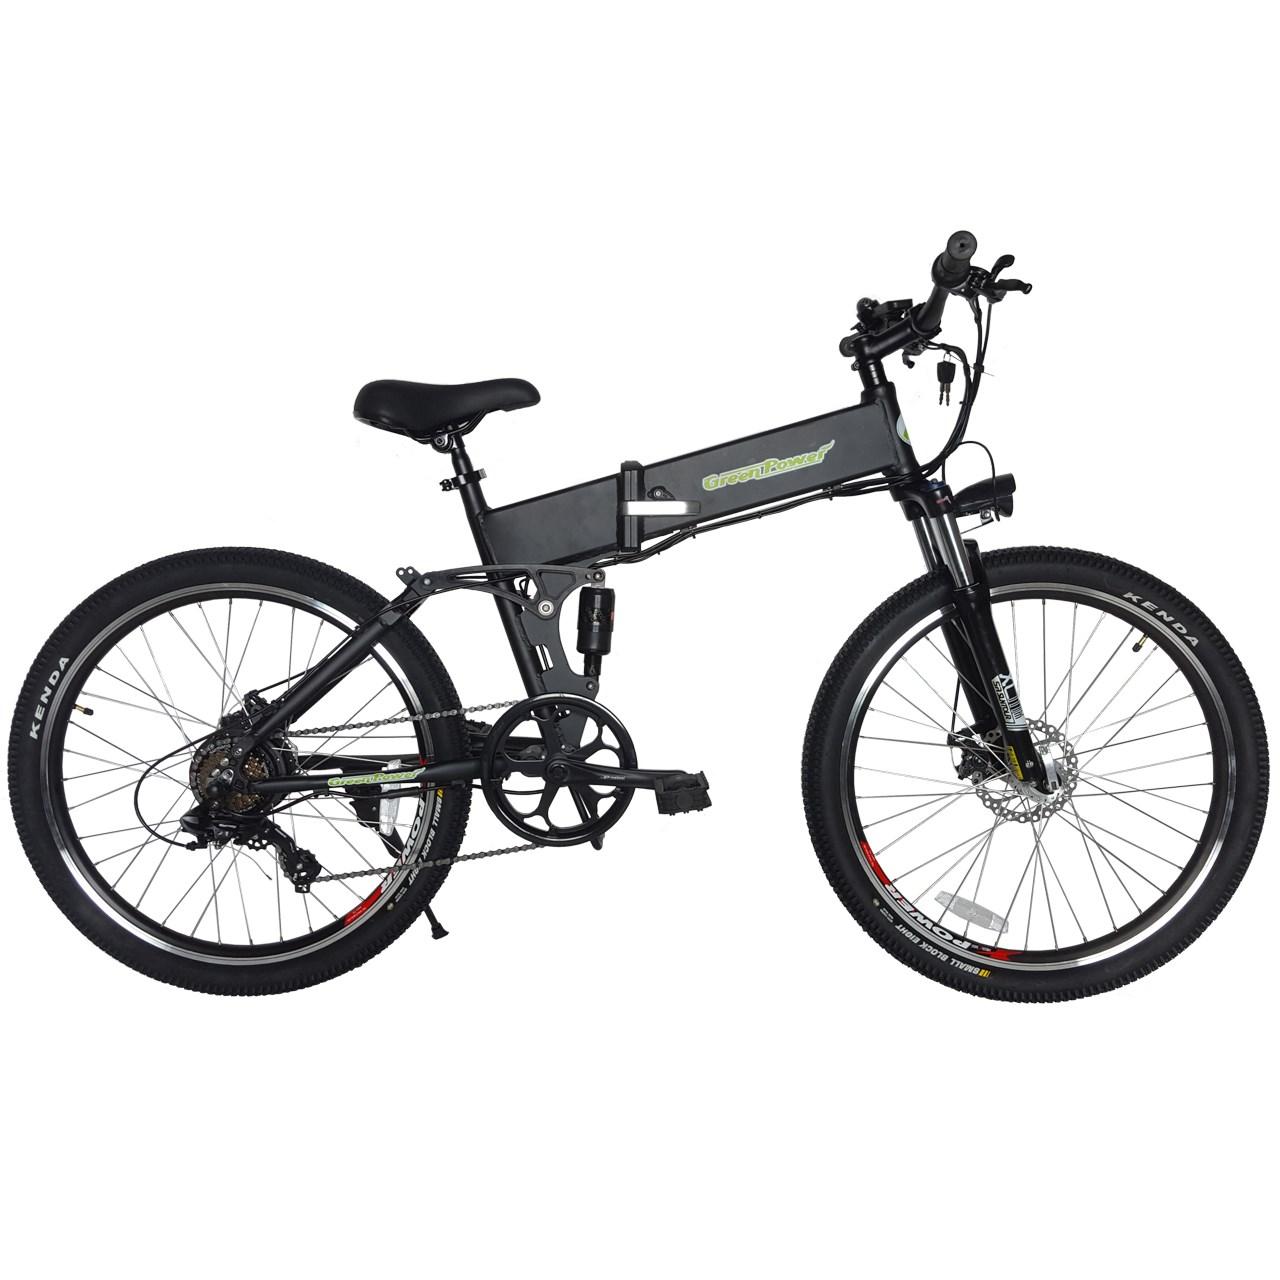 دوچرخه برقی گرین پاور مدل EB-18B سایز 26